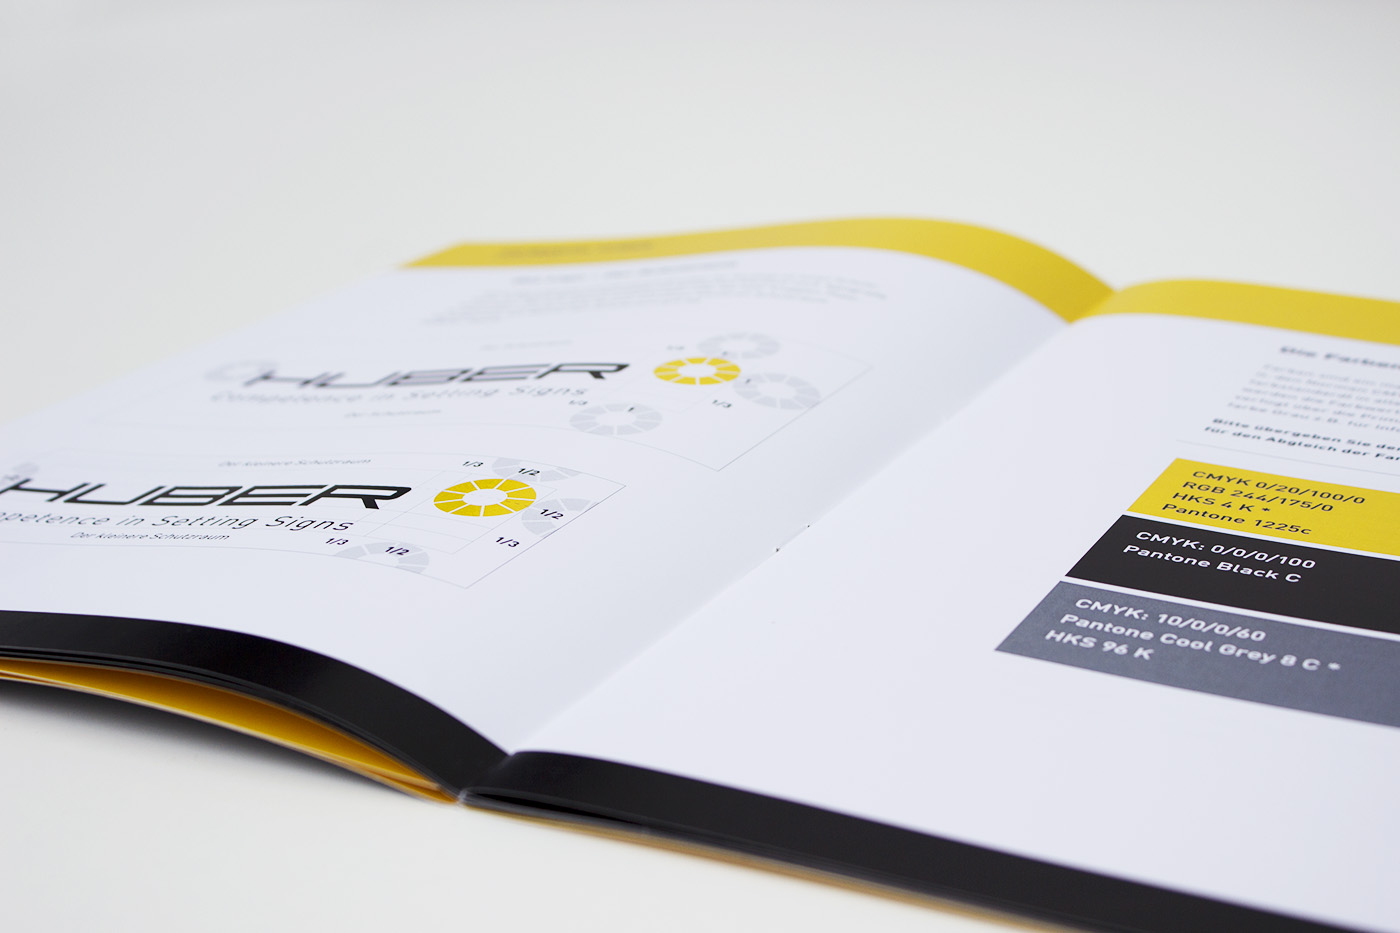 huber-reklametechnik-cd-manual-ergebnisse4.jpg